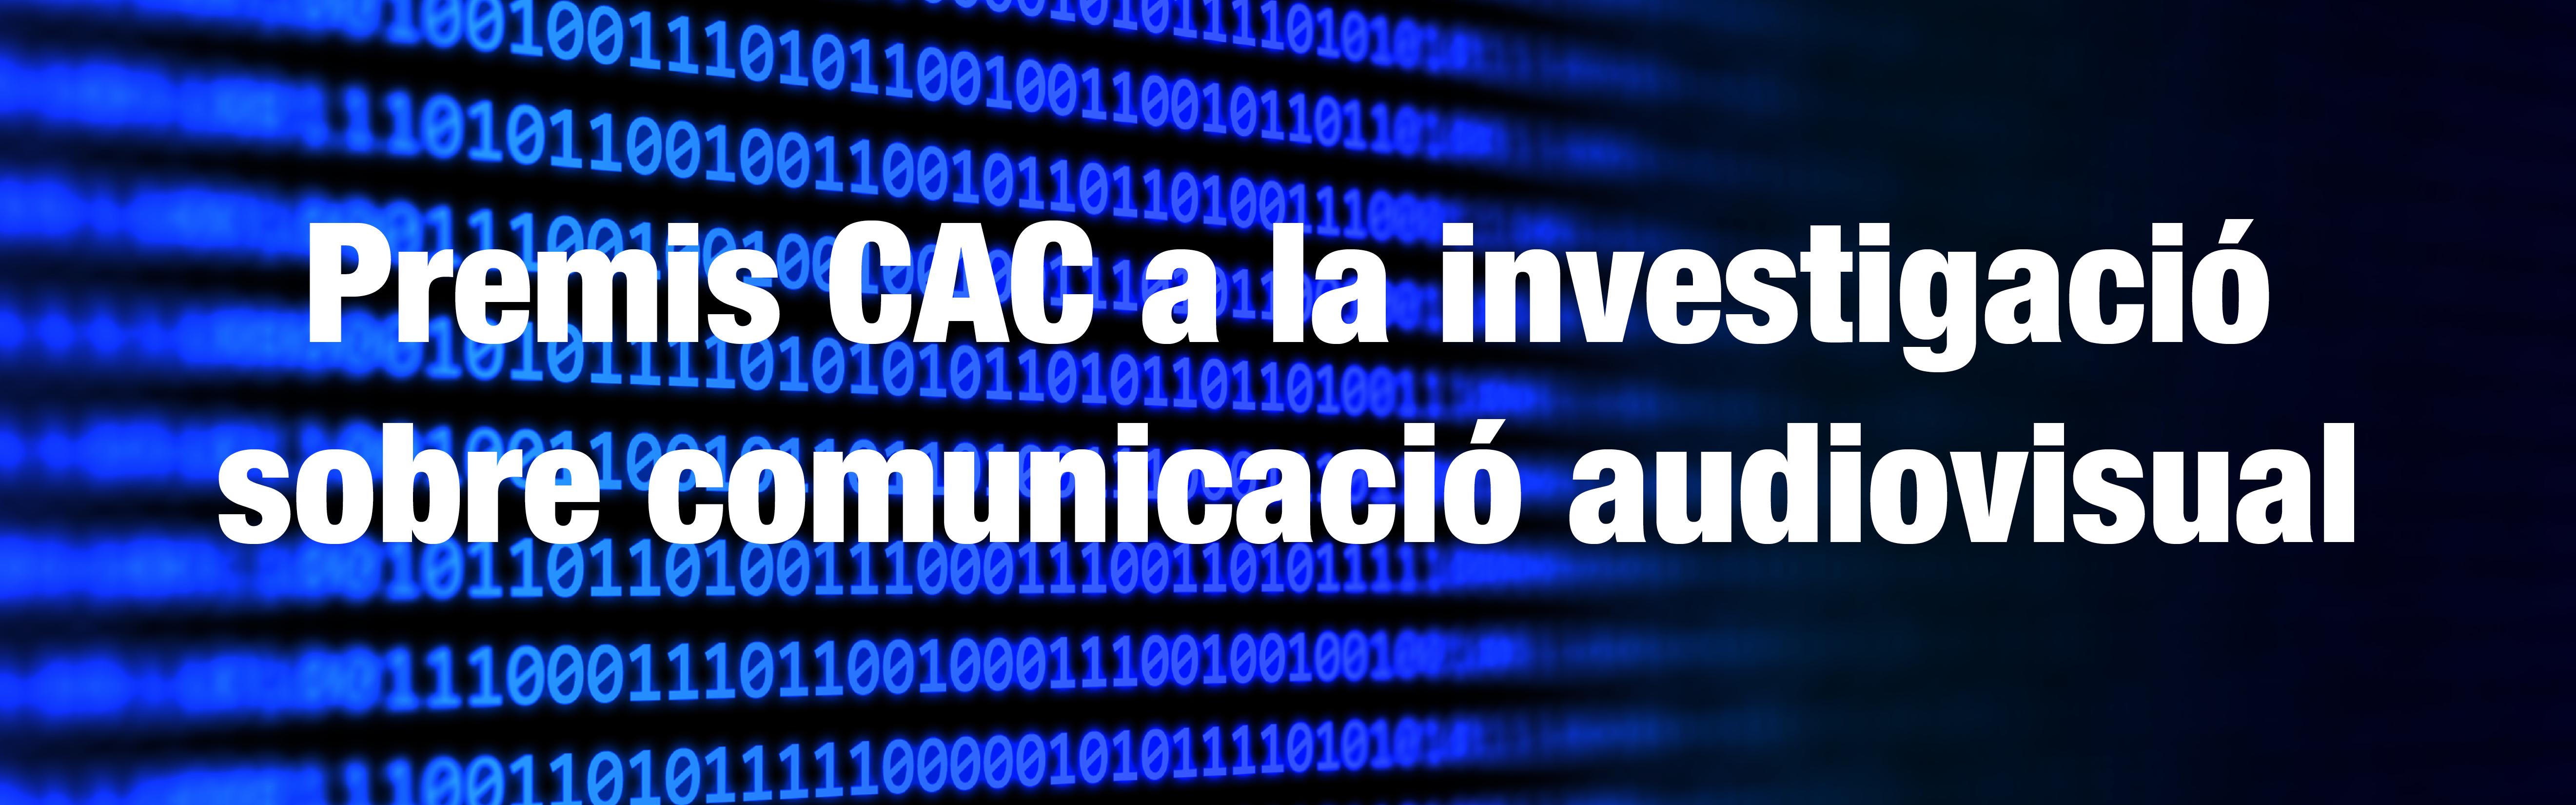 Premis CAC a la investigació sobre comunicació audiovisual